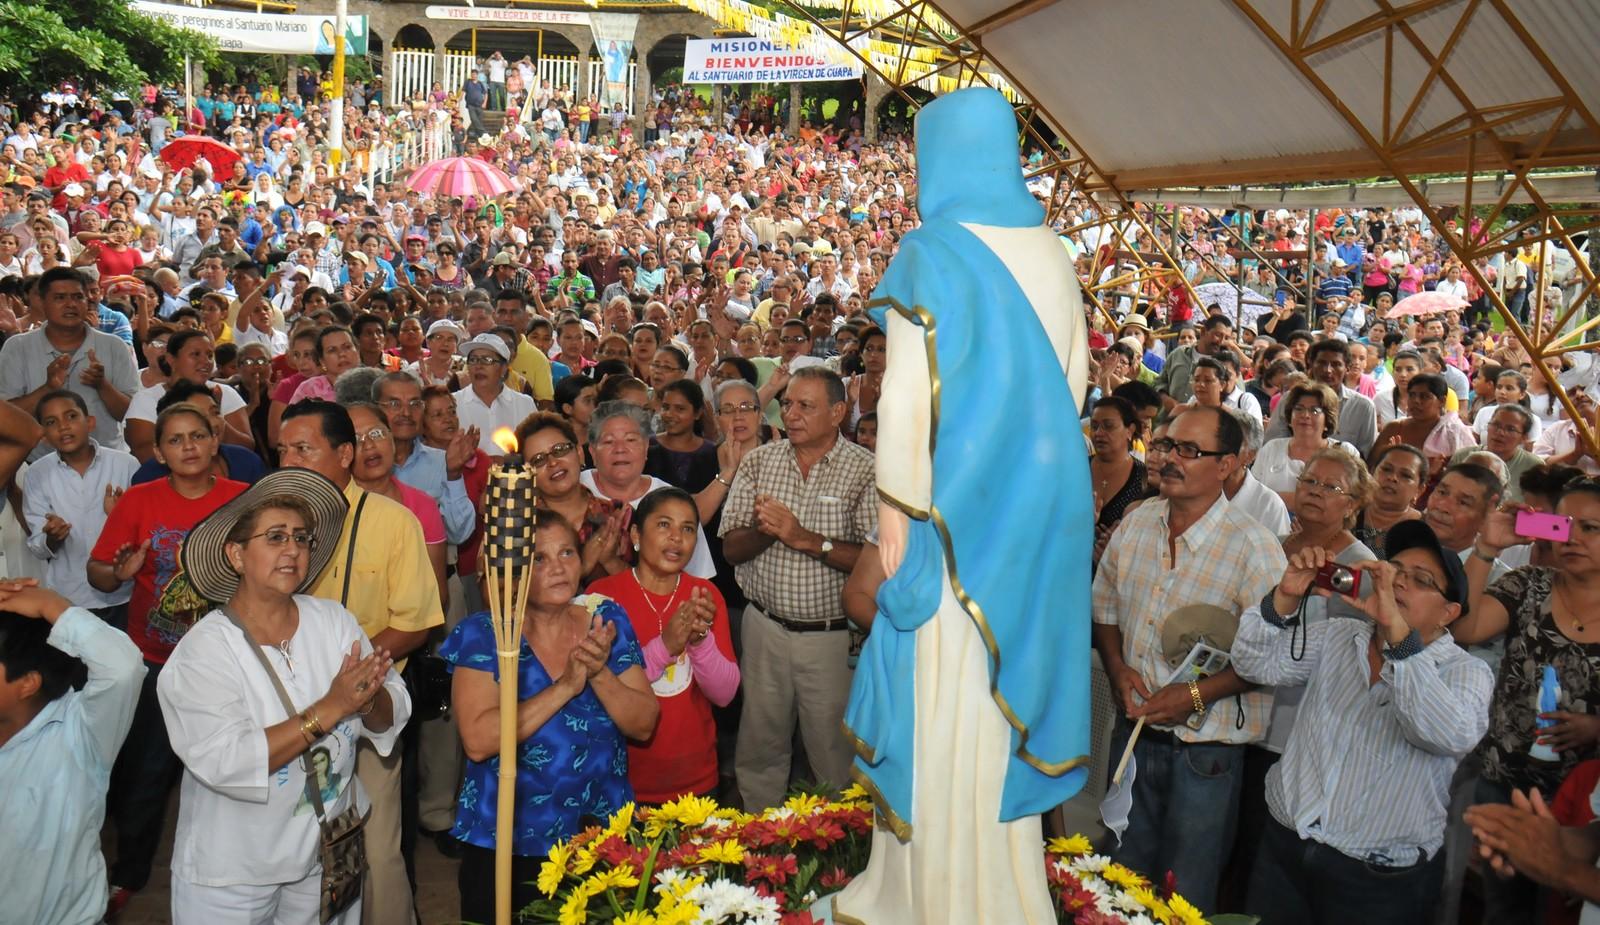 Virgen de Cuapa, Aparición Aprobada por la Iglesia, Nicaragua (15 abr, 8 may)